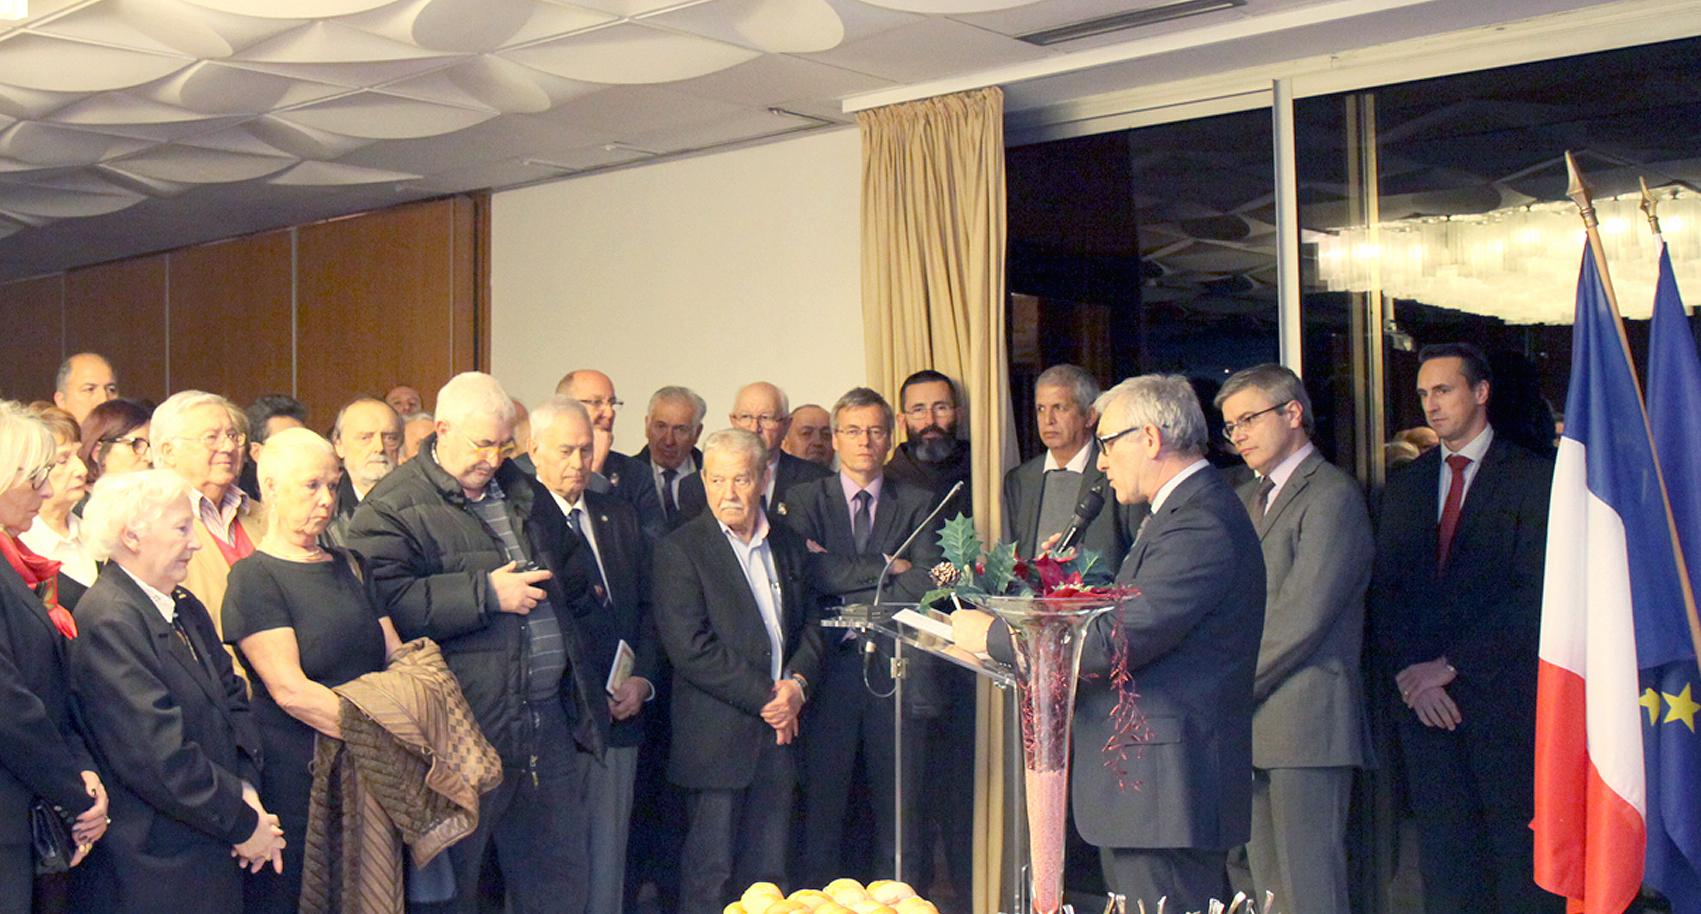 Vœux protocolaires à la préfecture de Haute-Corse